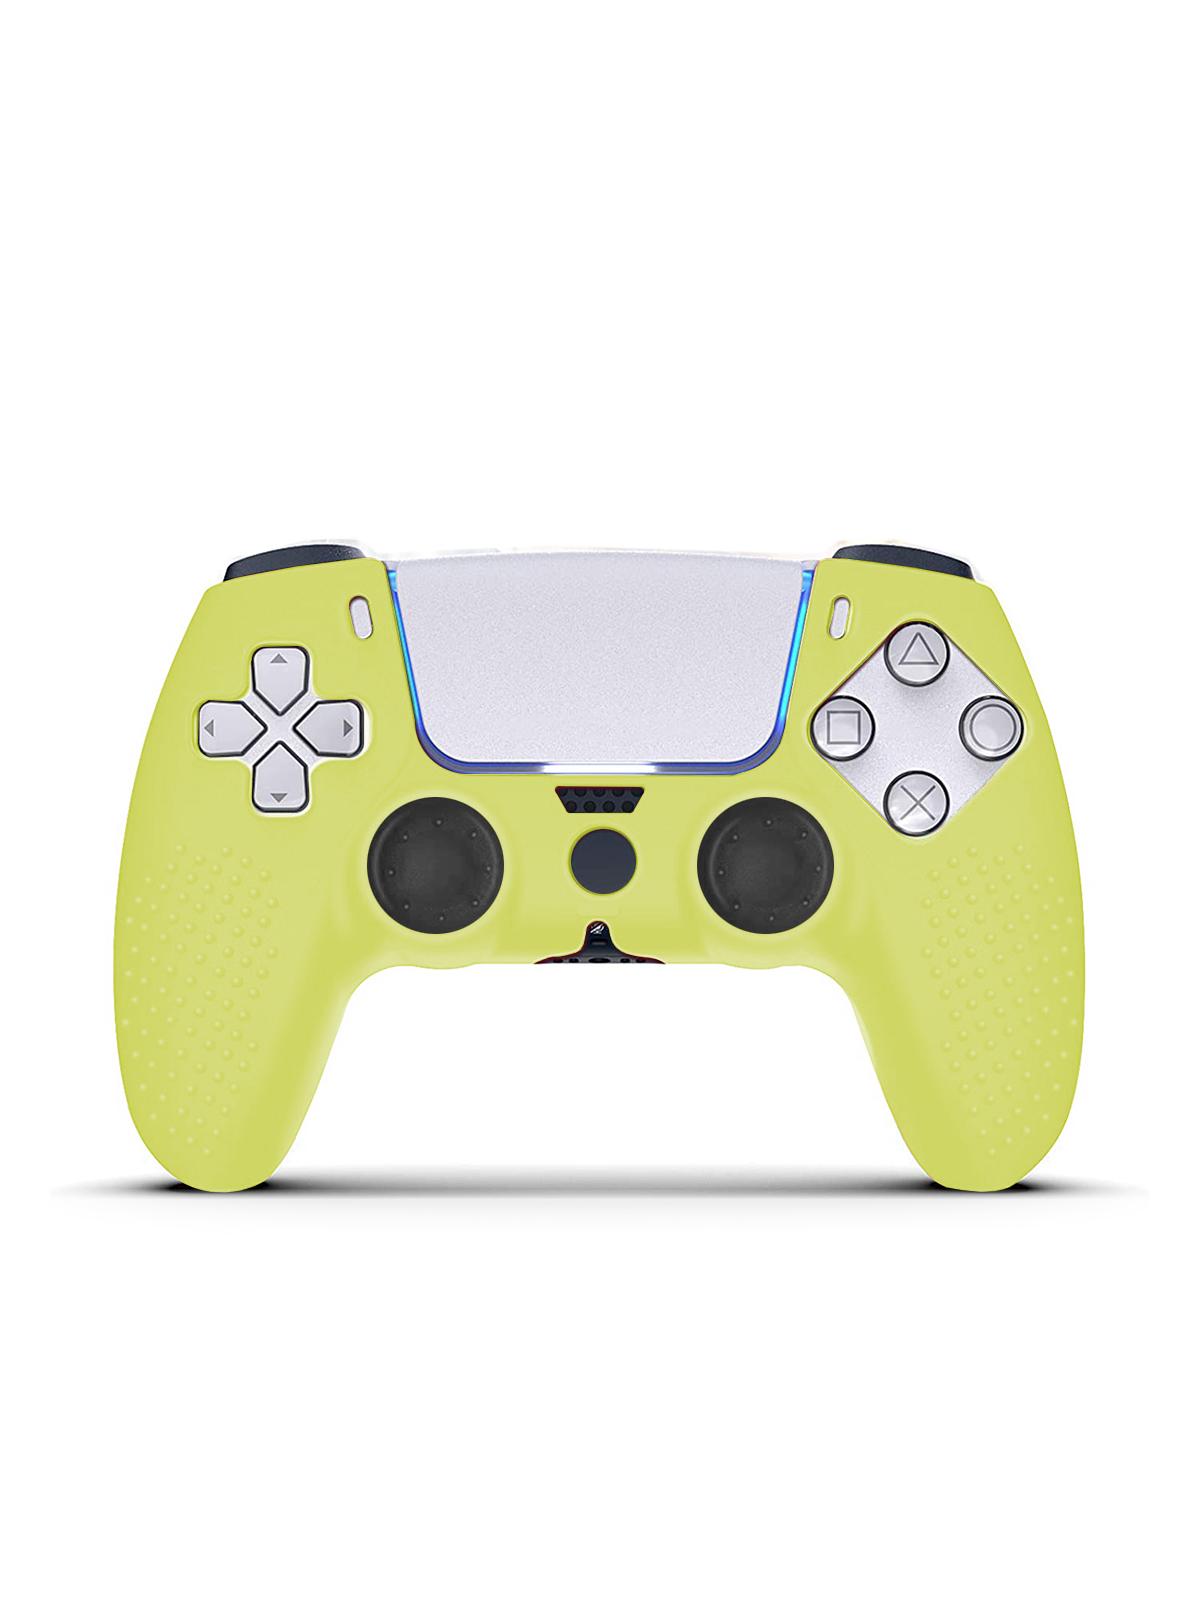 Картофан жёлтый для джойстика Dualsense PS5 купить в Sony Centre